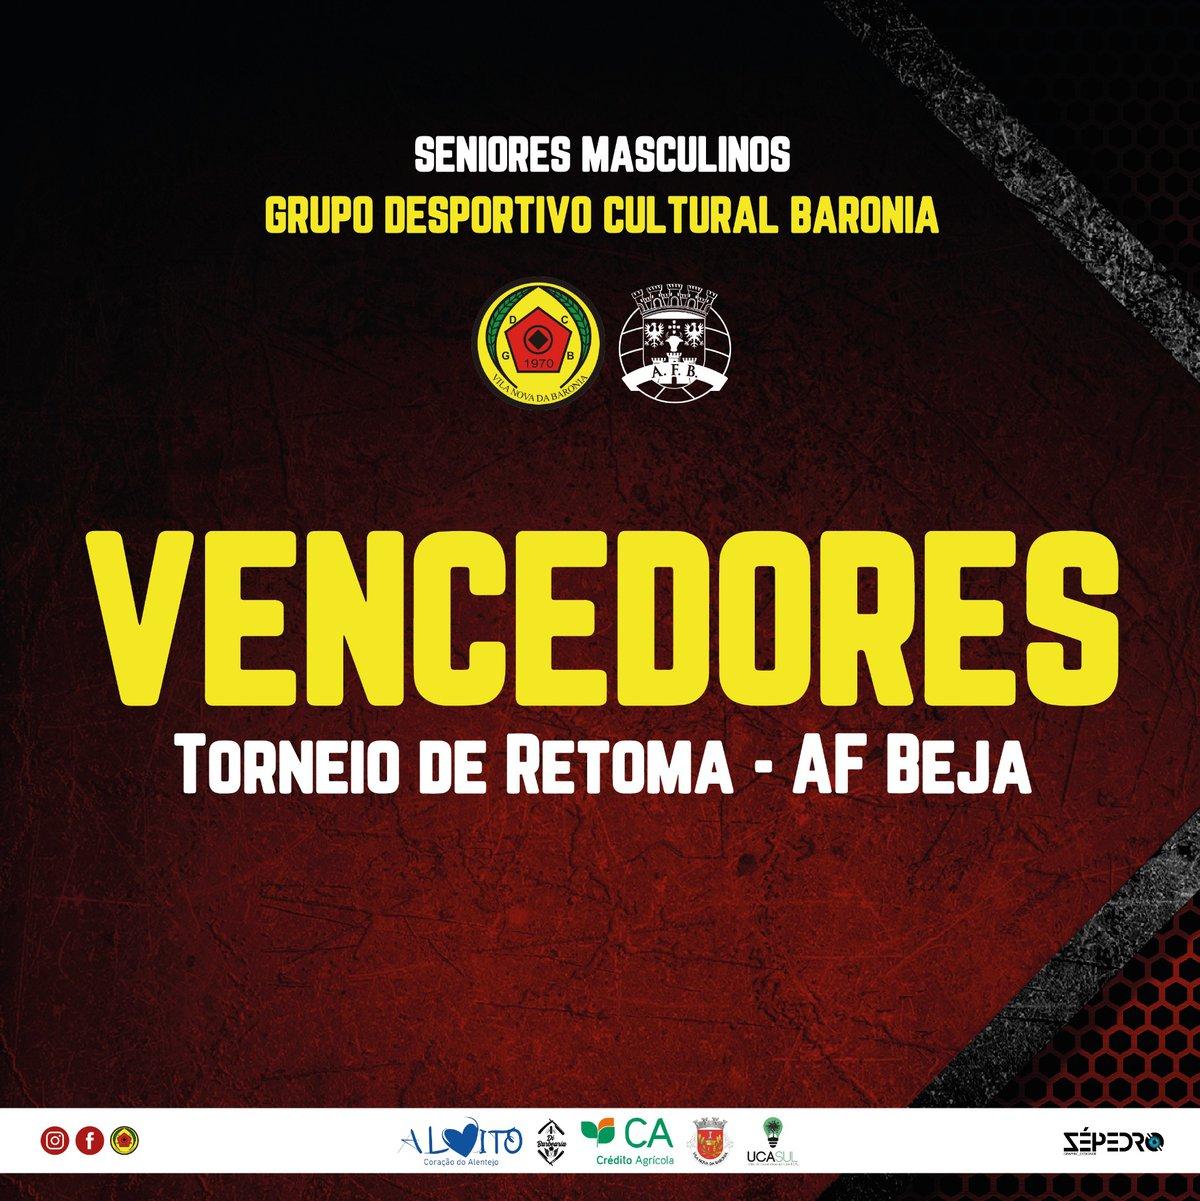 GDC Baronia vence Torneio de Retoma da AF BEJA